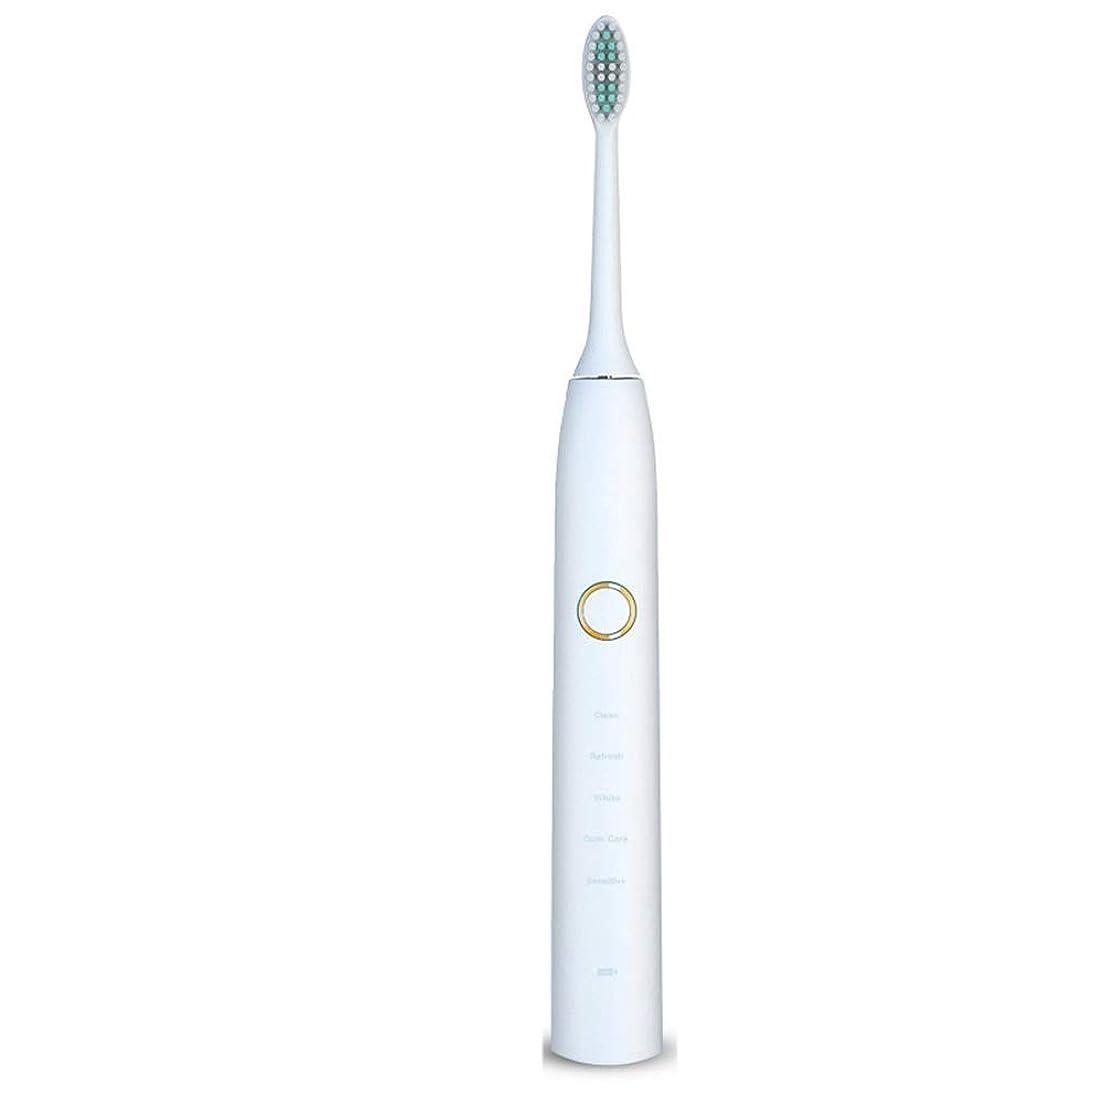 ホイッスル成り立つ満了電動歯ブラシ 電動歯ブラシUSB充電式ソフトヘア保護クリーンホワイトニング歯ブラシ (色 : 白, サイズ : Free size)